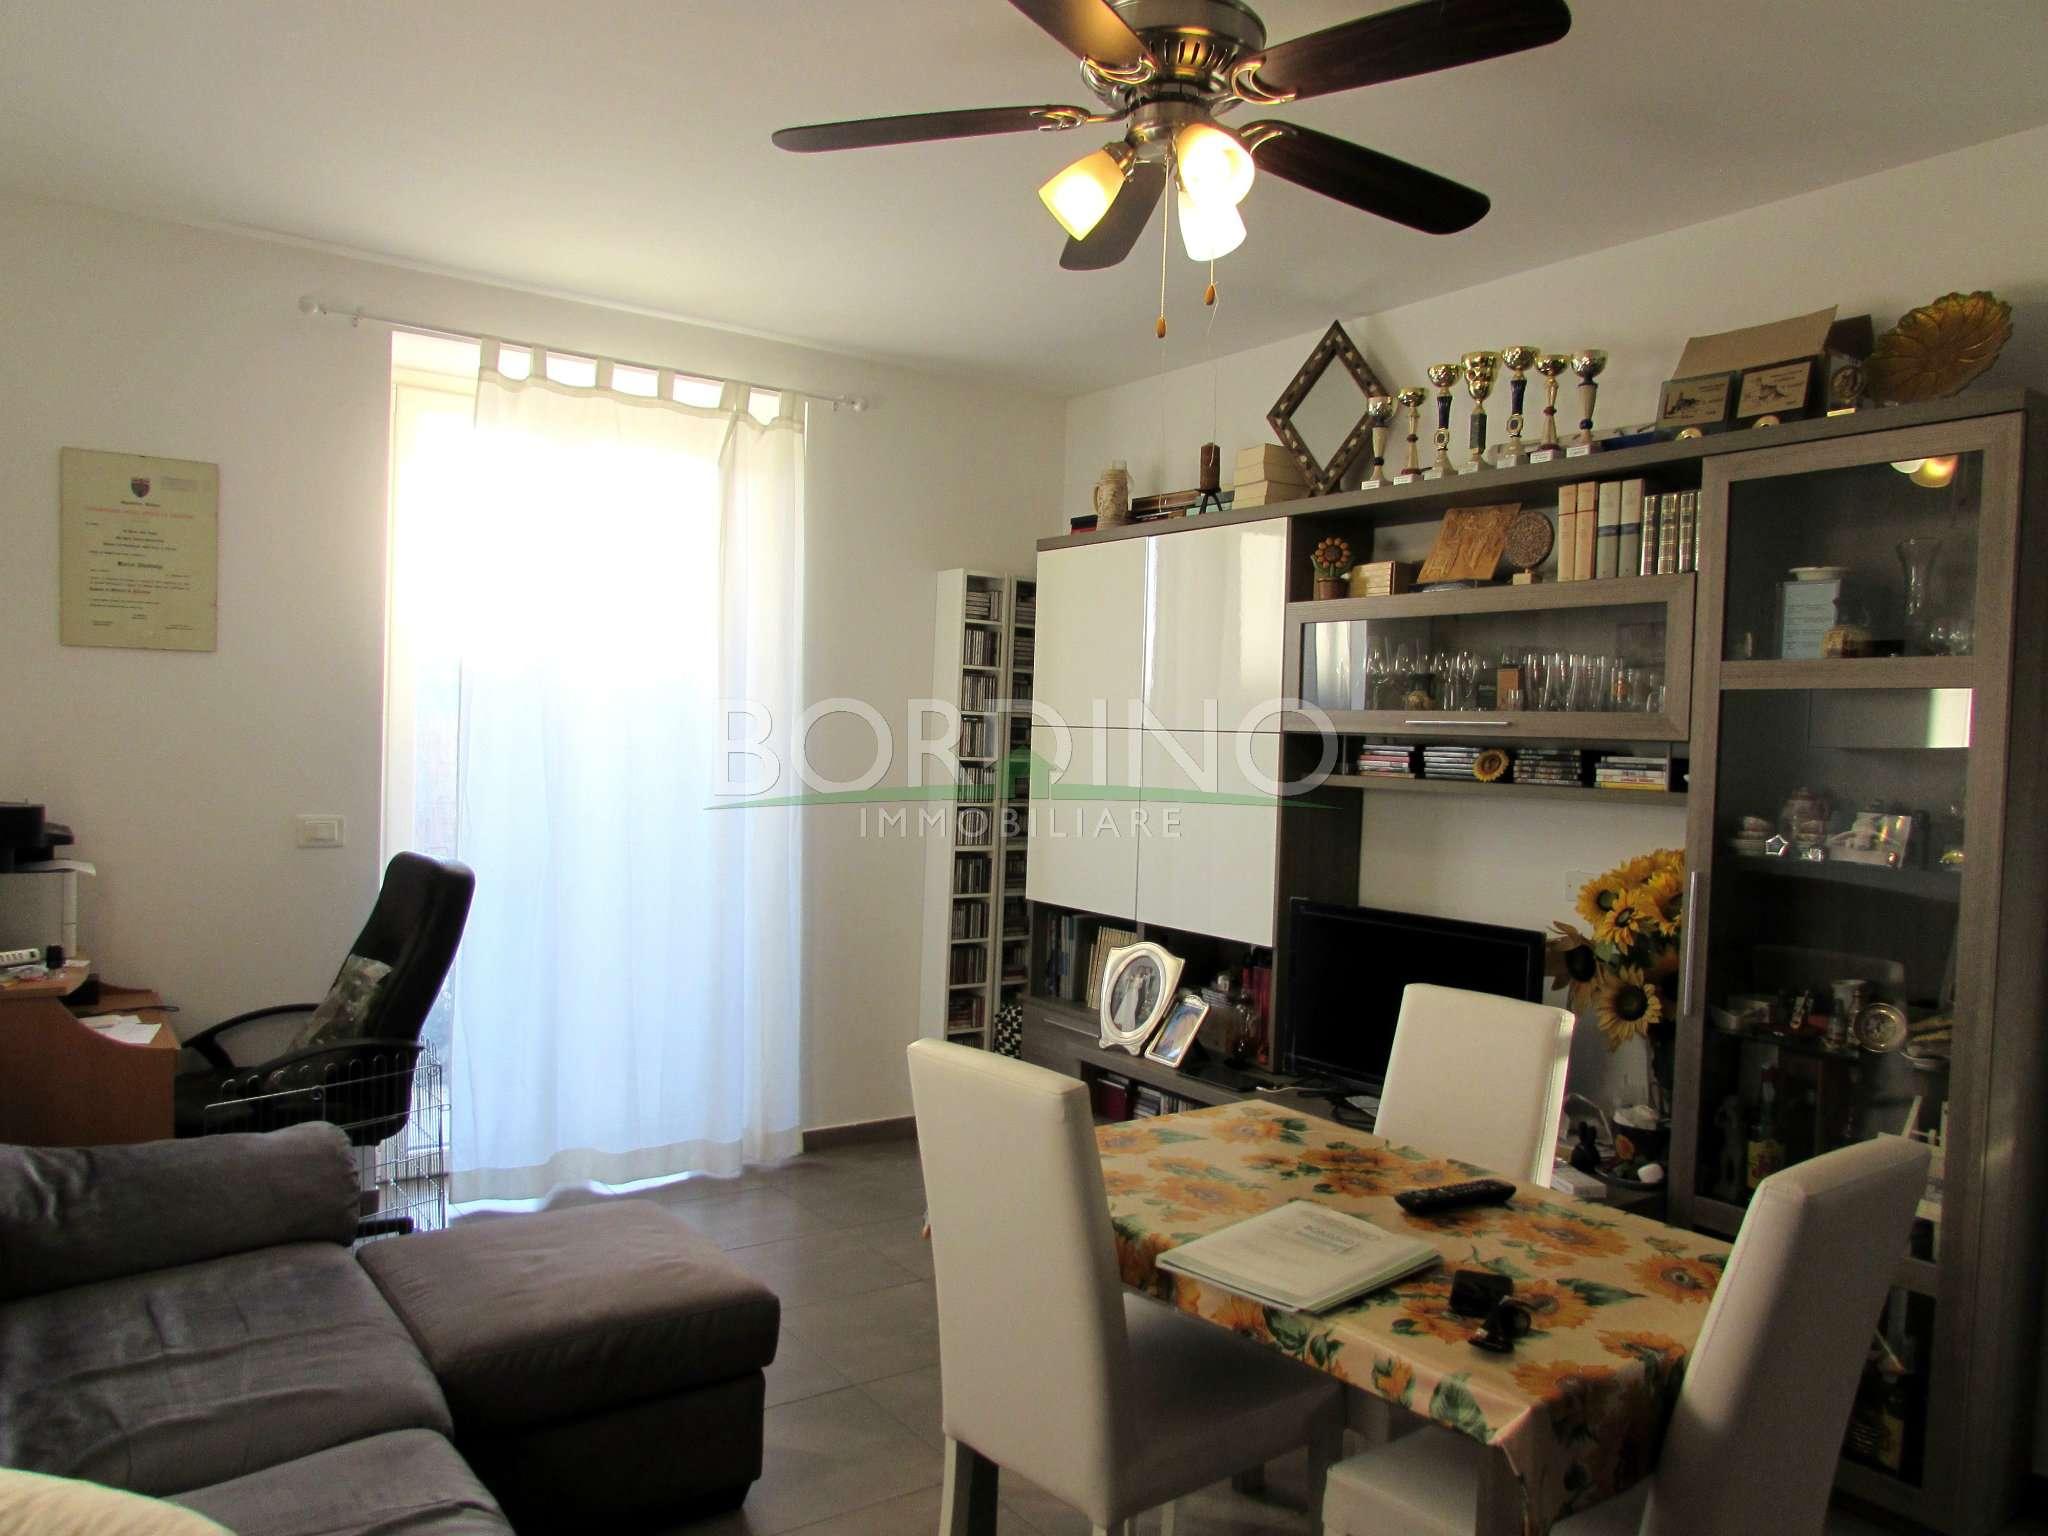 Appartamento in vendita a Magliano Alfieri, 3 locali, prezzo € 135.000   CambioCasa.it